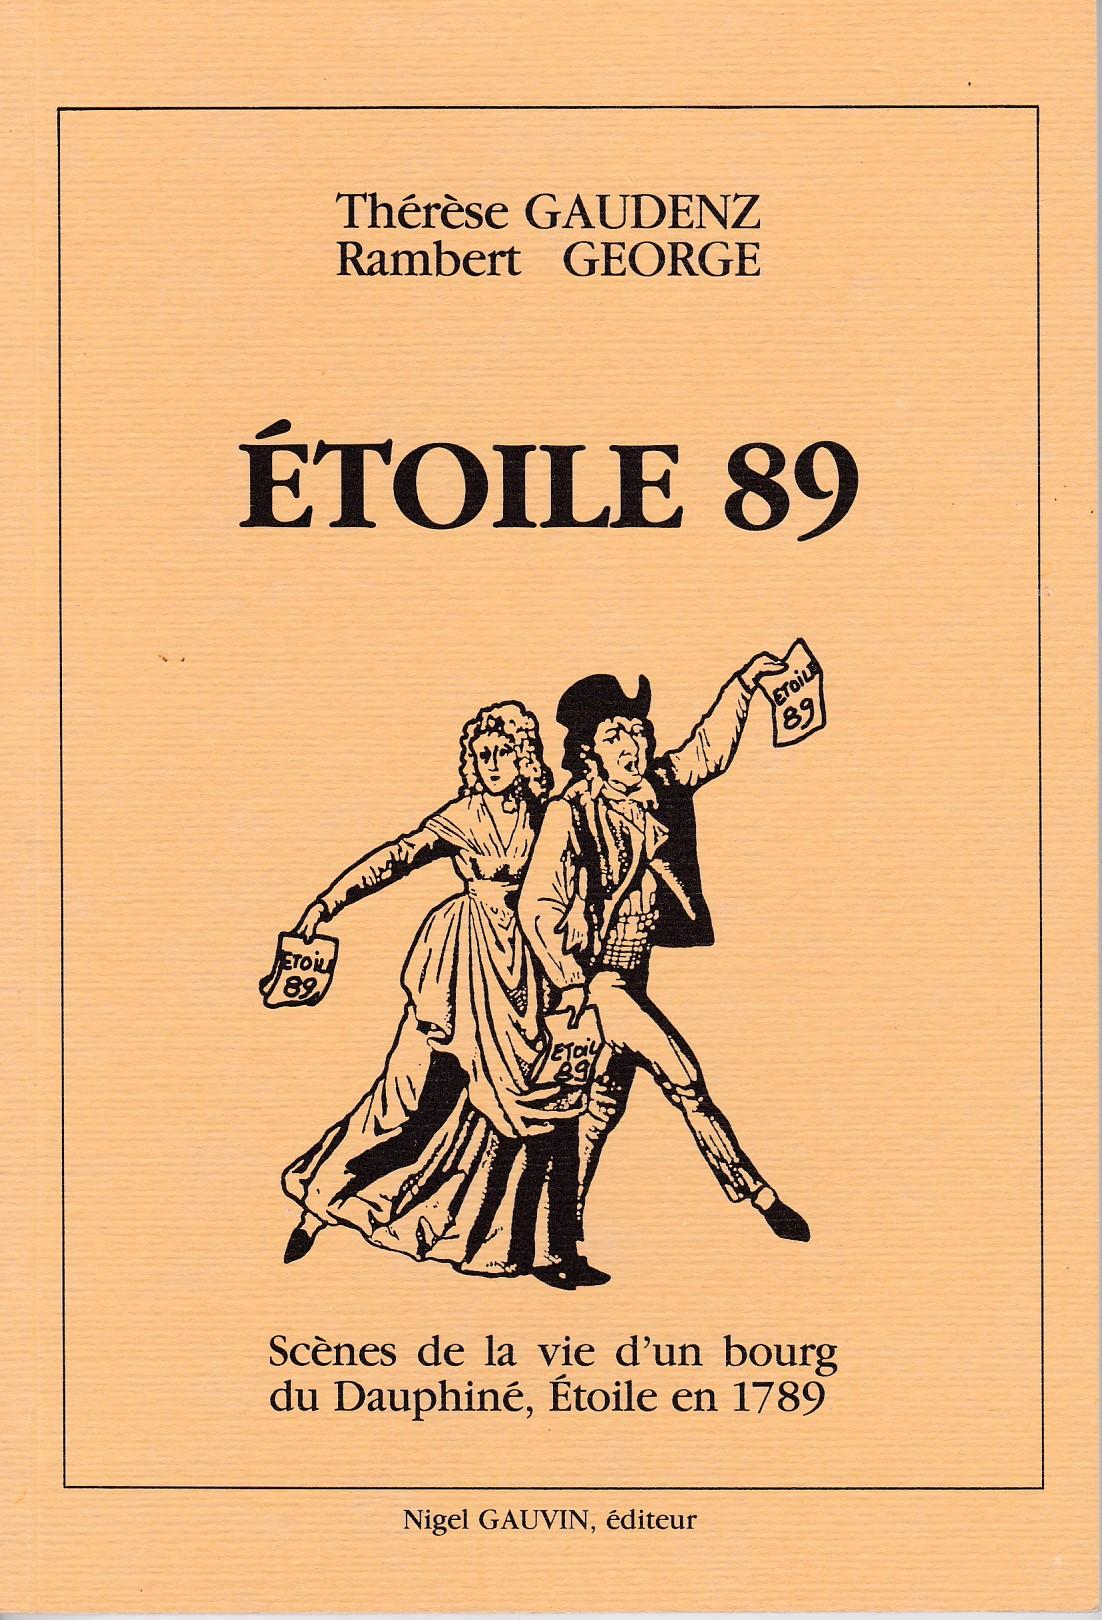 ÉTOILE 89